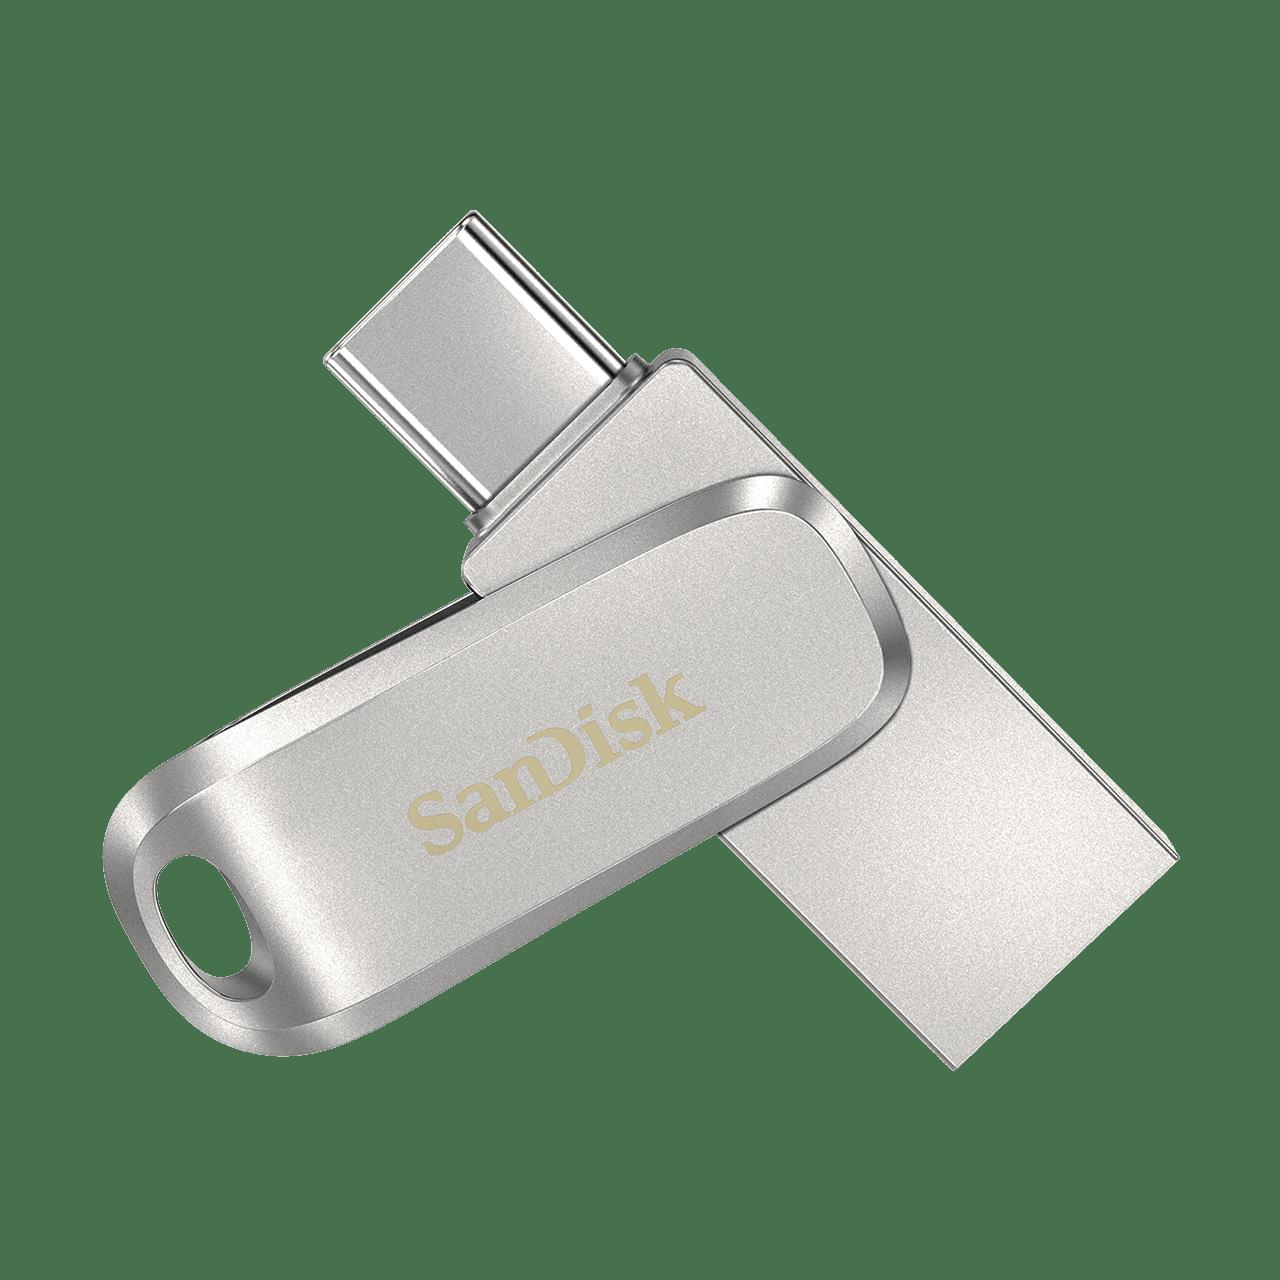 128GB SanDisk Ultra Dual Drive Luxe USB-minne, USB-C+USB 3.1